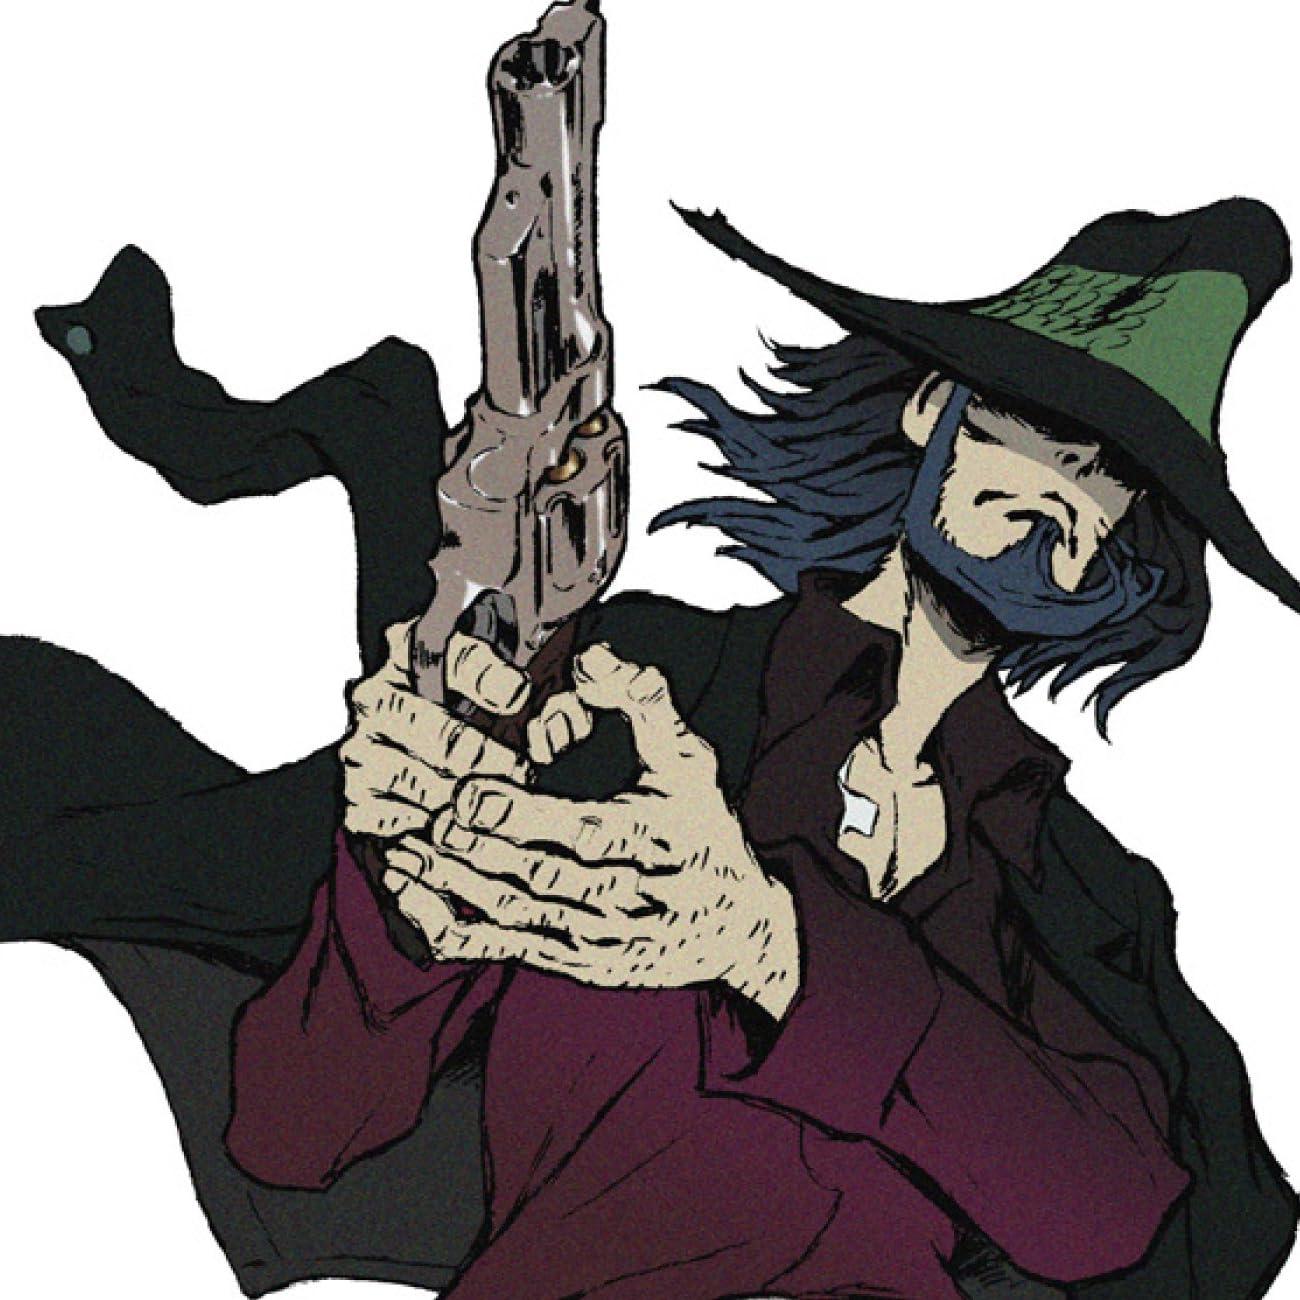 ルパン三世 Lupin The Iiird 次元大介の墓標 Ipad壁紙 画像43272 スマポ